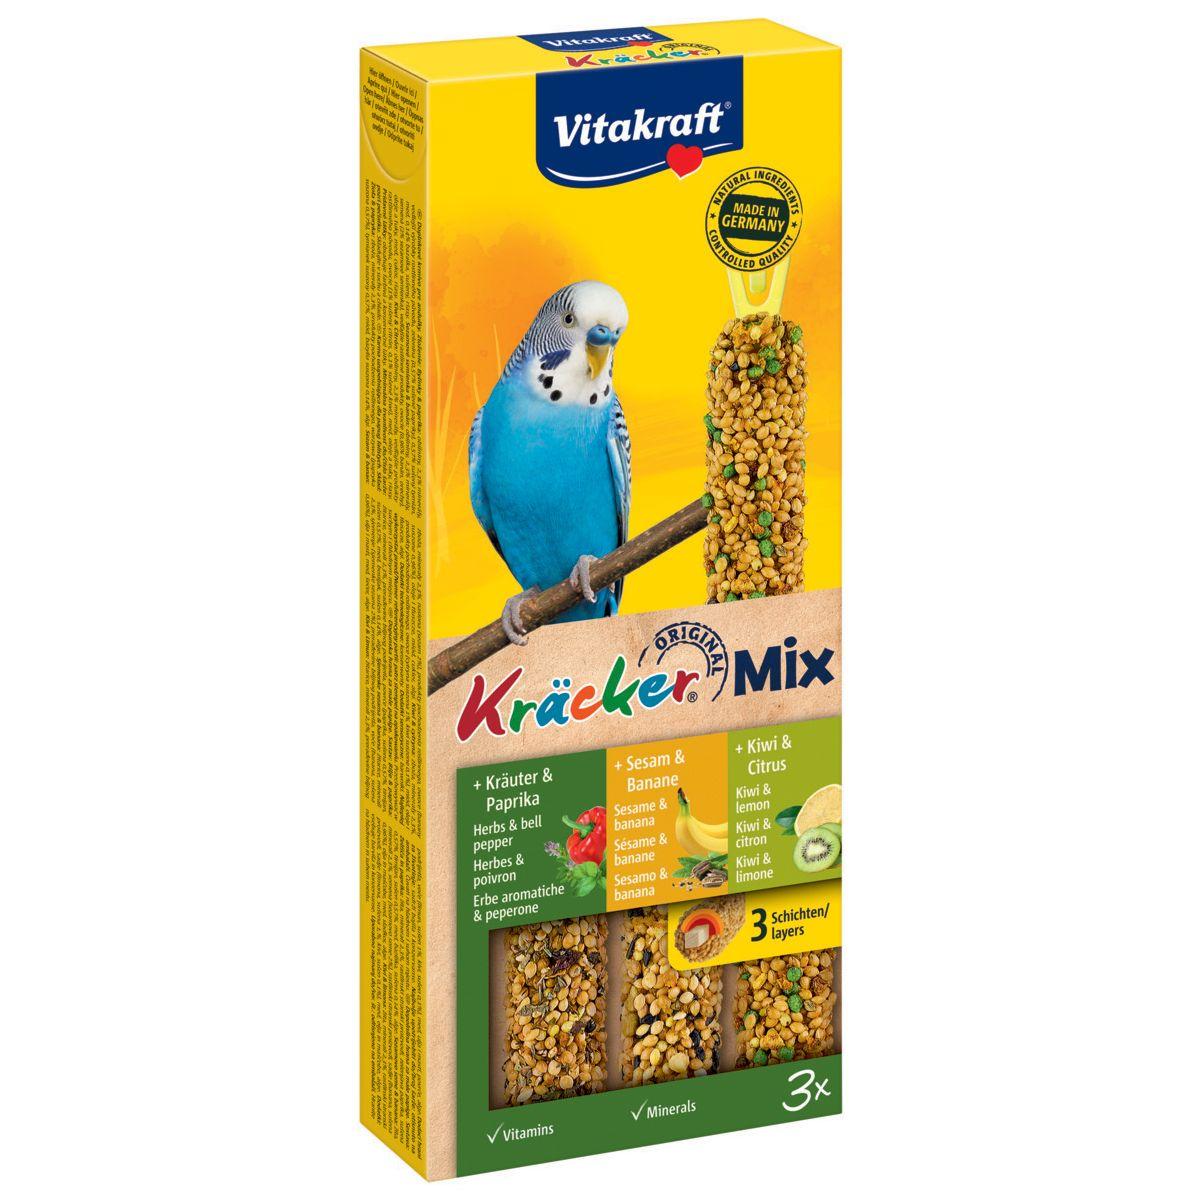 Лакомство для птиц VITAKRAFT Крекеры для волнистых попугаев ананас, банан, киви (3шт.уп) лакомство для птиц vitakraft крекеры для средних попугаев при линьке 21294 180 г